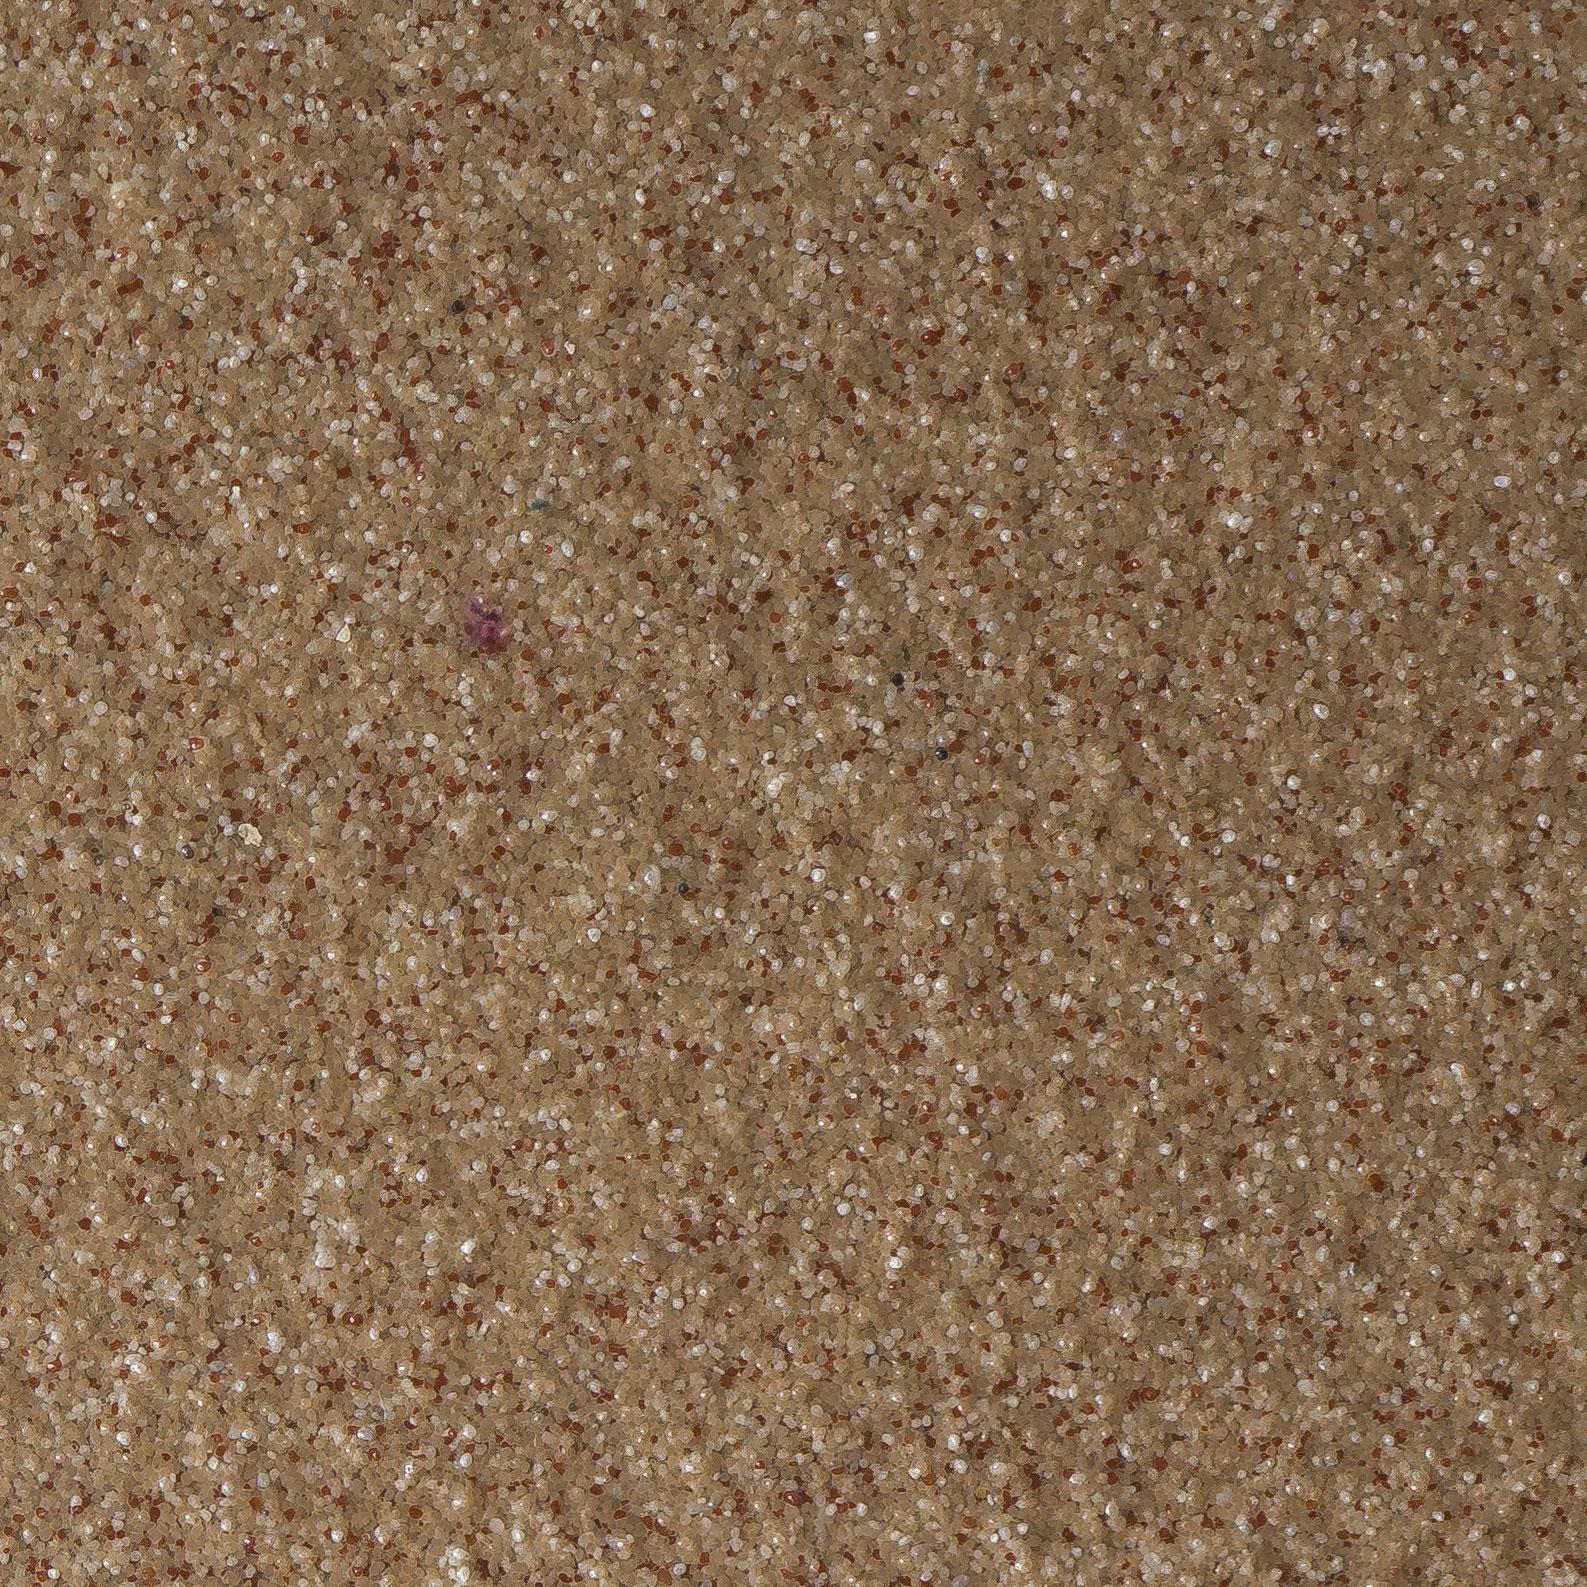 Garage Doctors Easy Clean Flooring in Florida platinum-quartz-sandstone